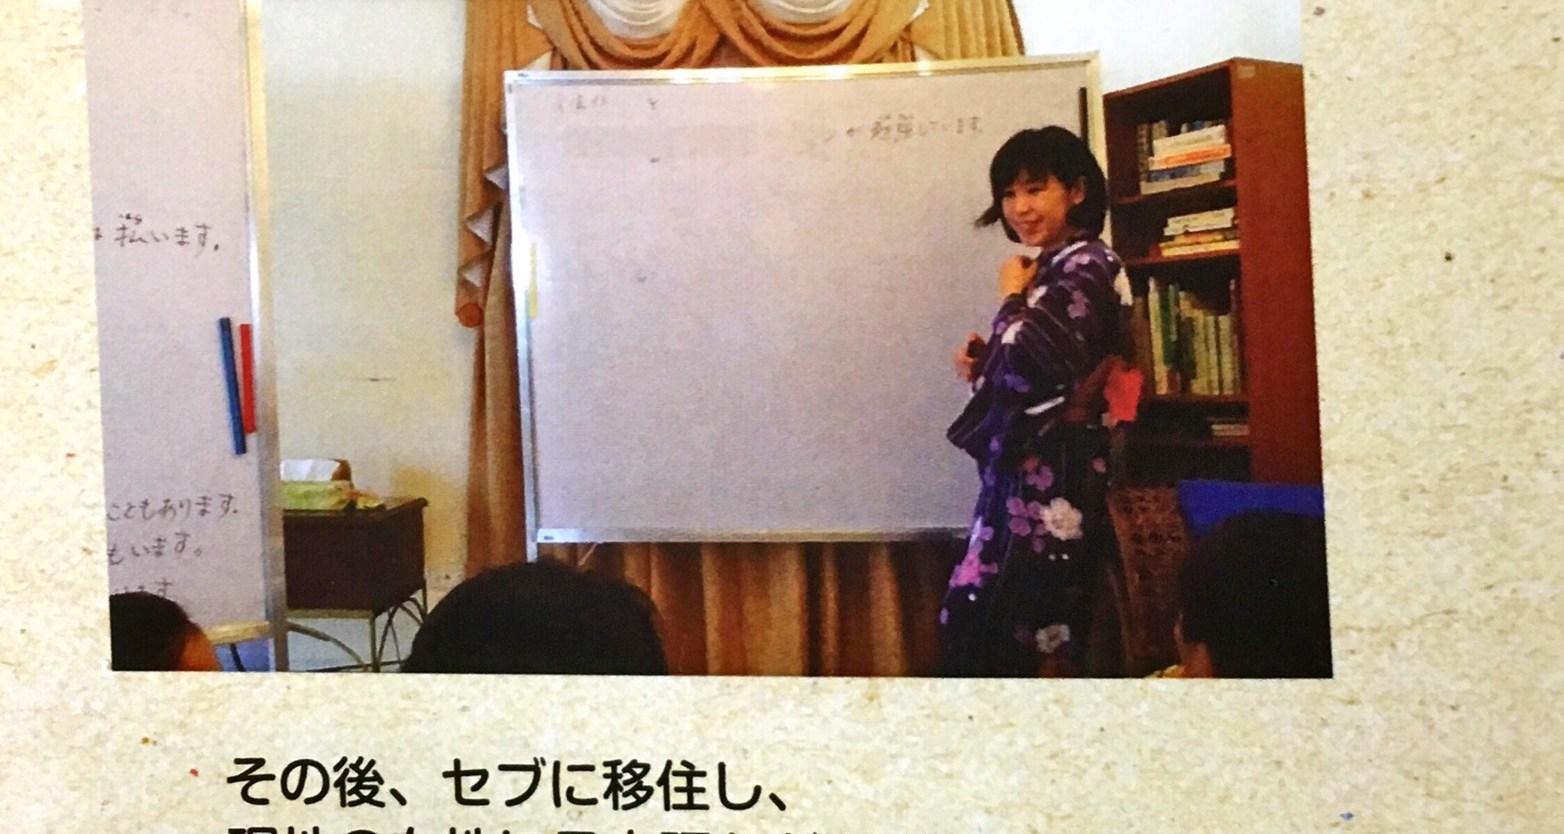 セブに移住し,現地の女性に日本語指導などを行いました。